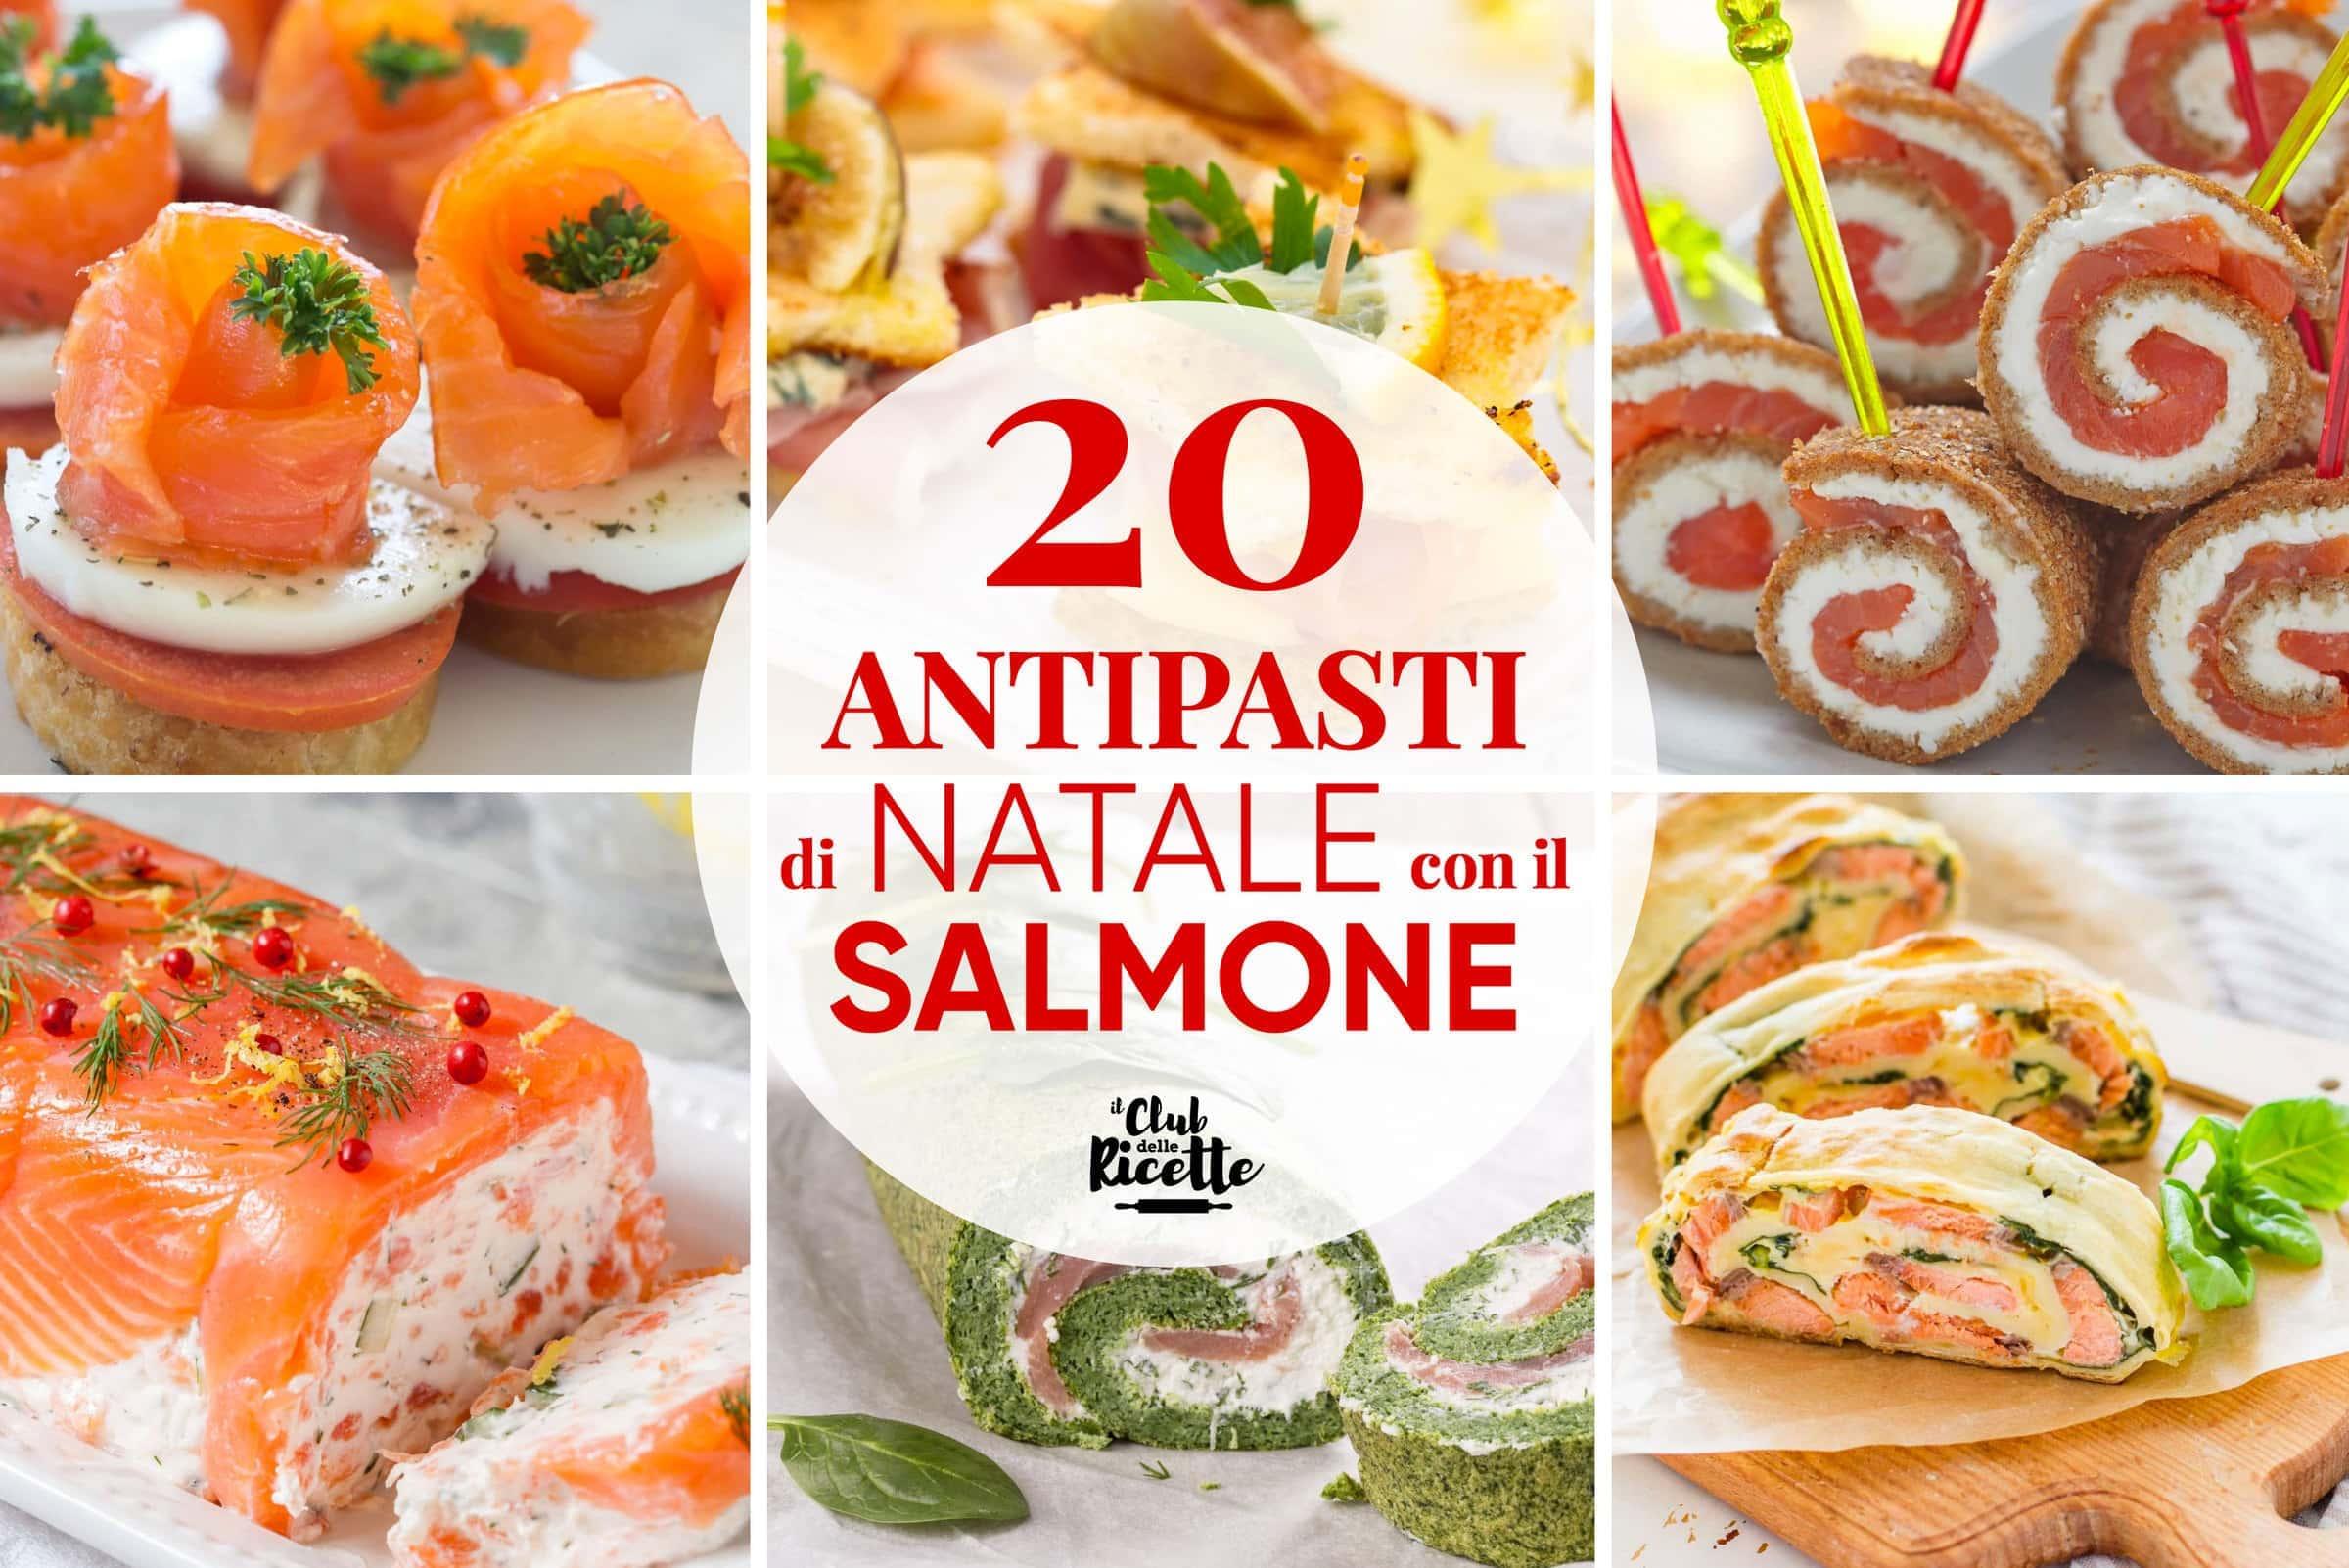 Antipasti Classici Di Natale.Le 20 Migliori Ricette Per Antipasti Di Natale Con Il Salmone Il Club Delle Ricette